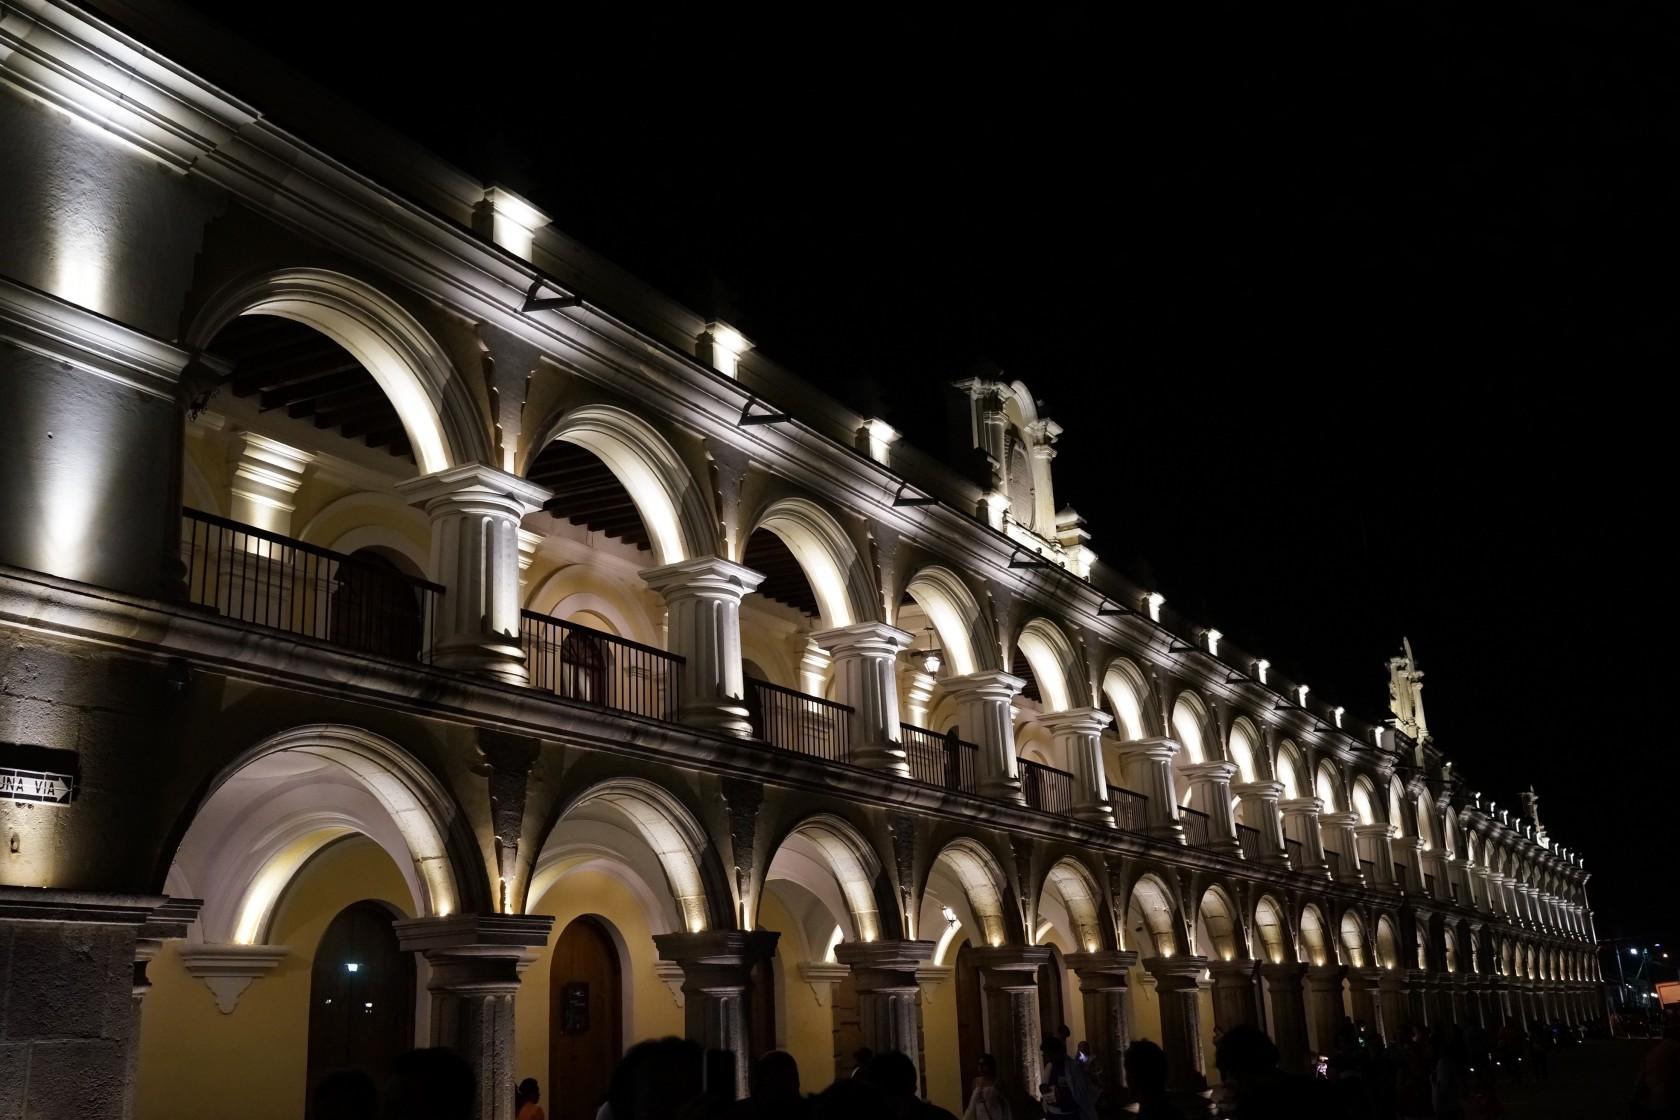 スペシャルティコーヒー素材買付の旅2016 グアテマラ